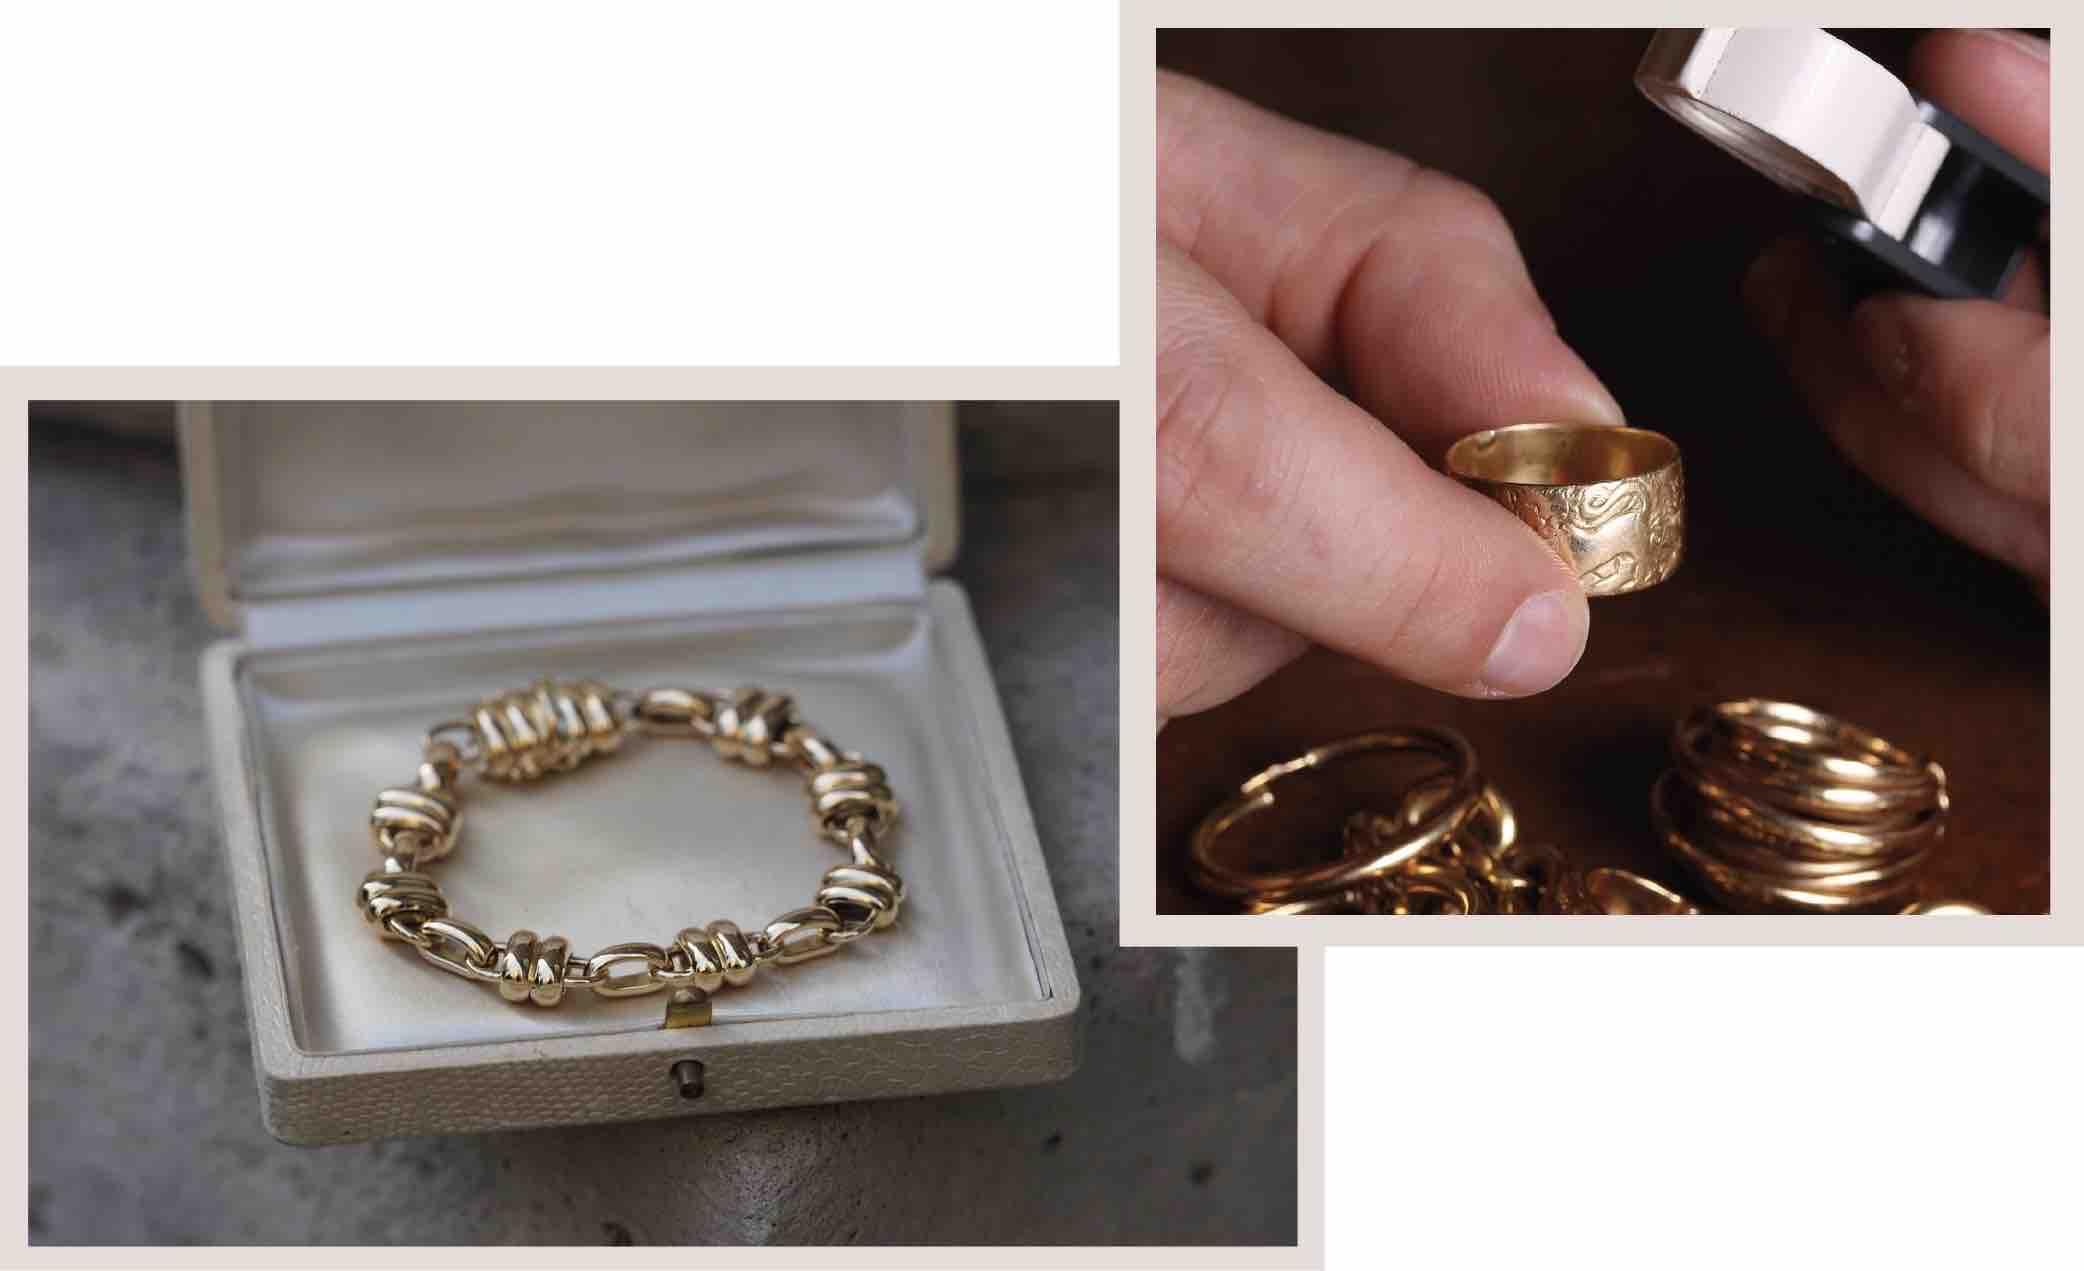 coût de l'or au gramme